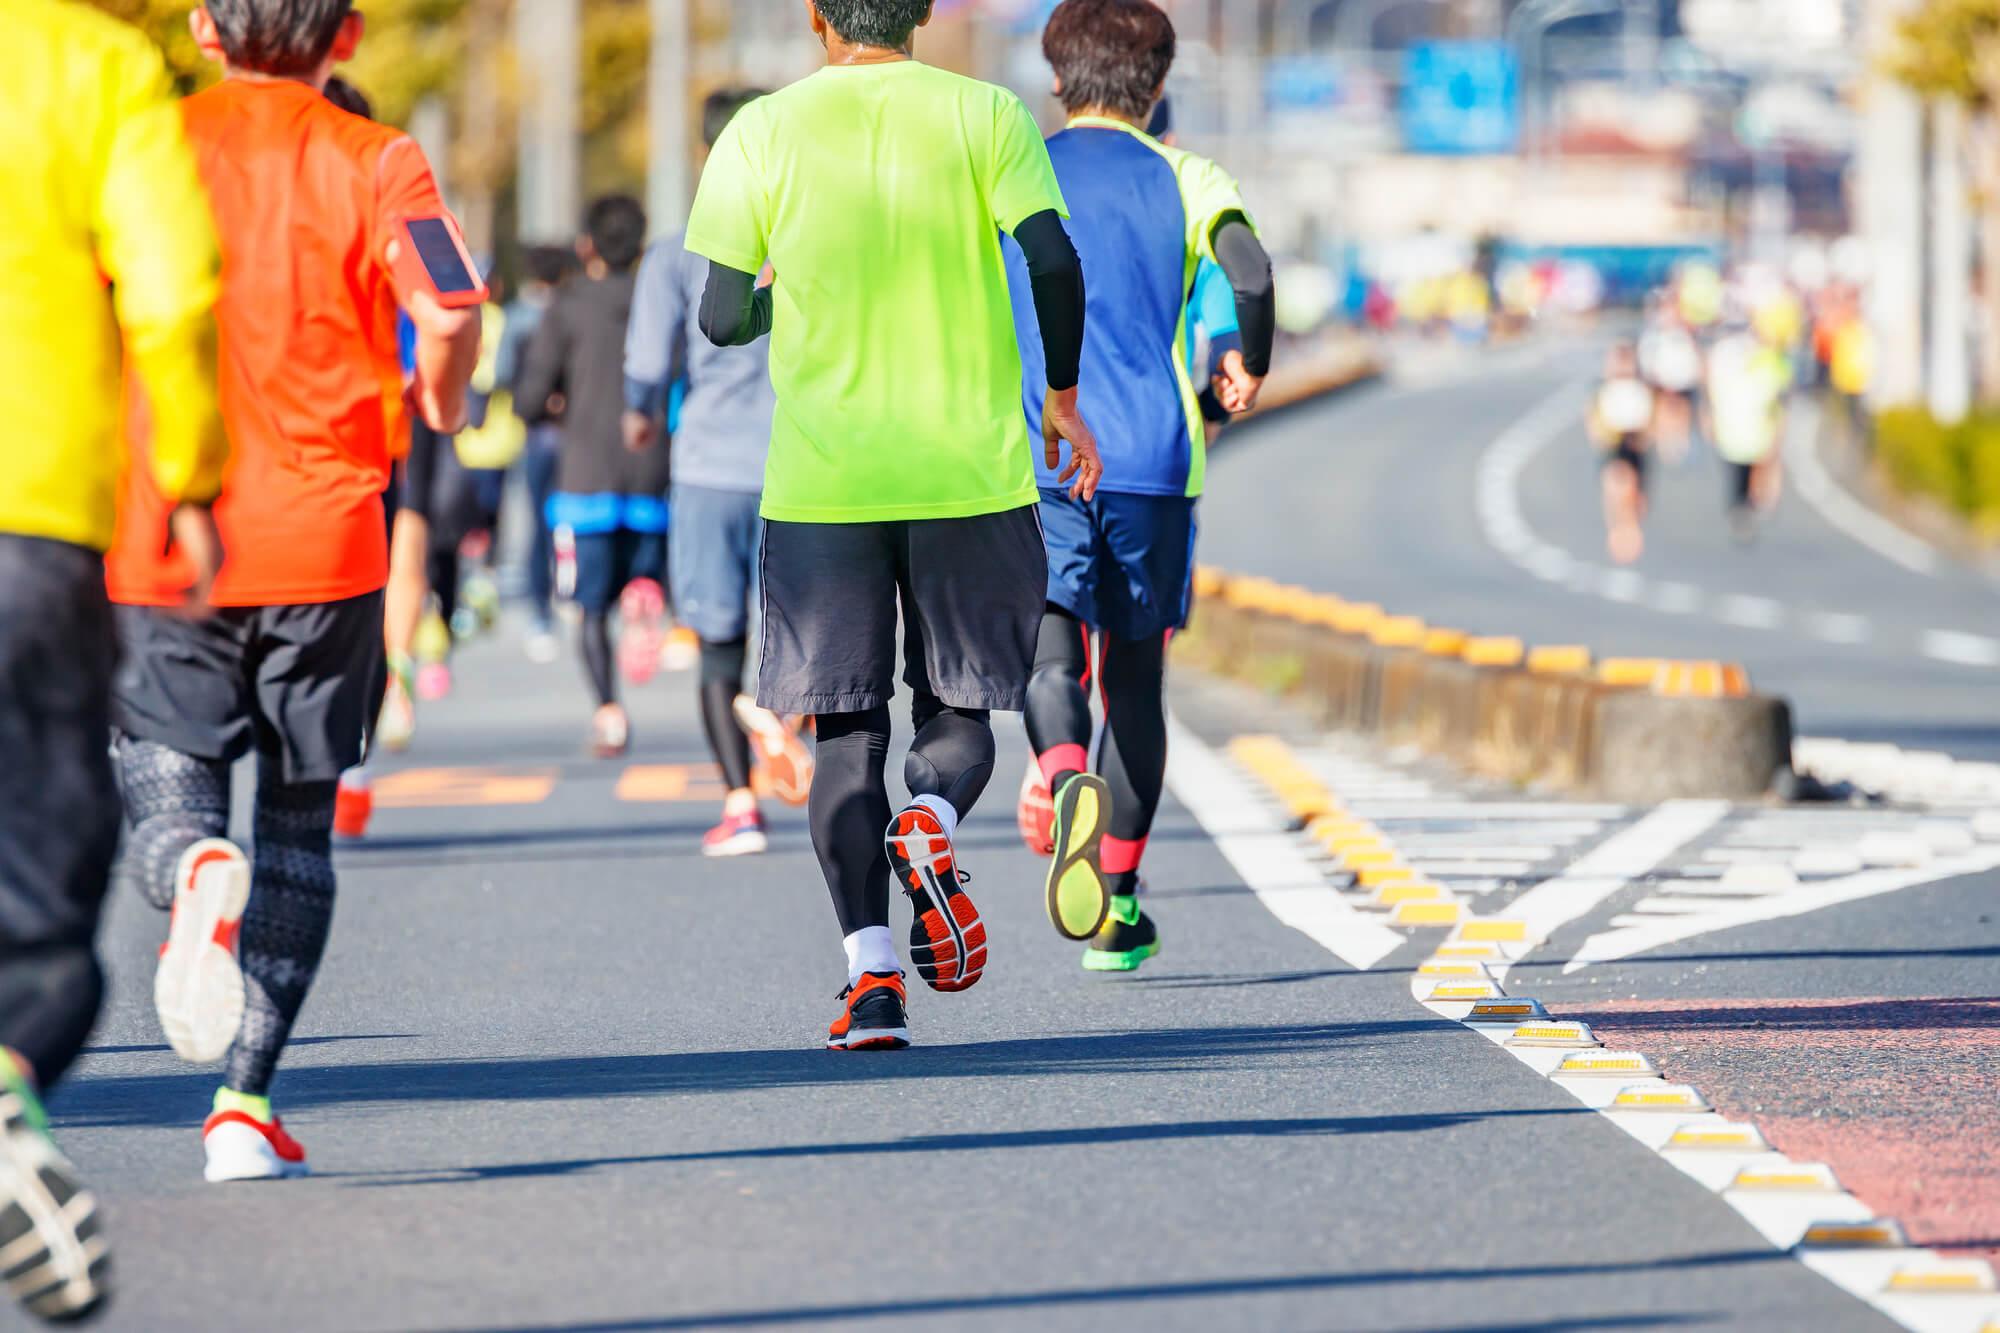 中央森林公園きさらぎマラソン | 広島県